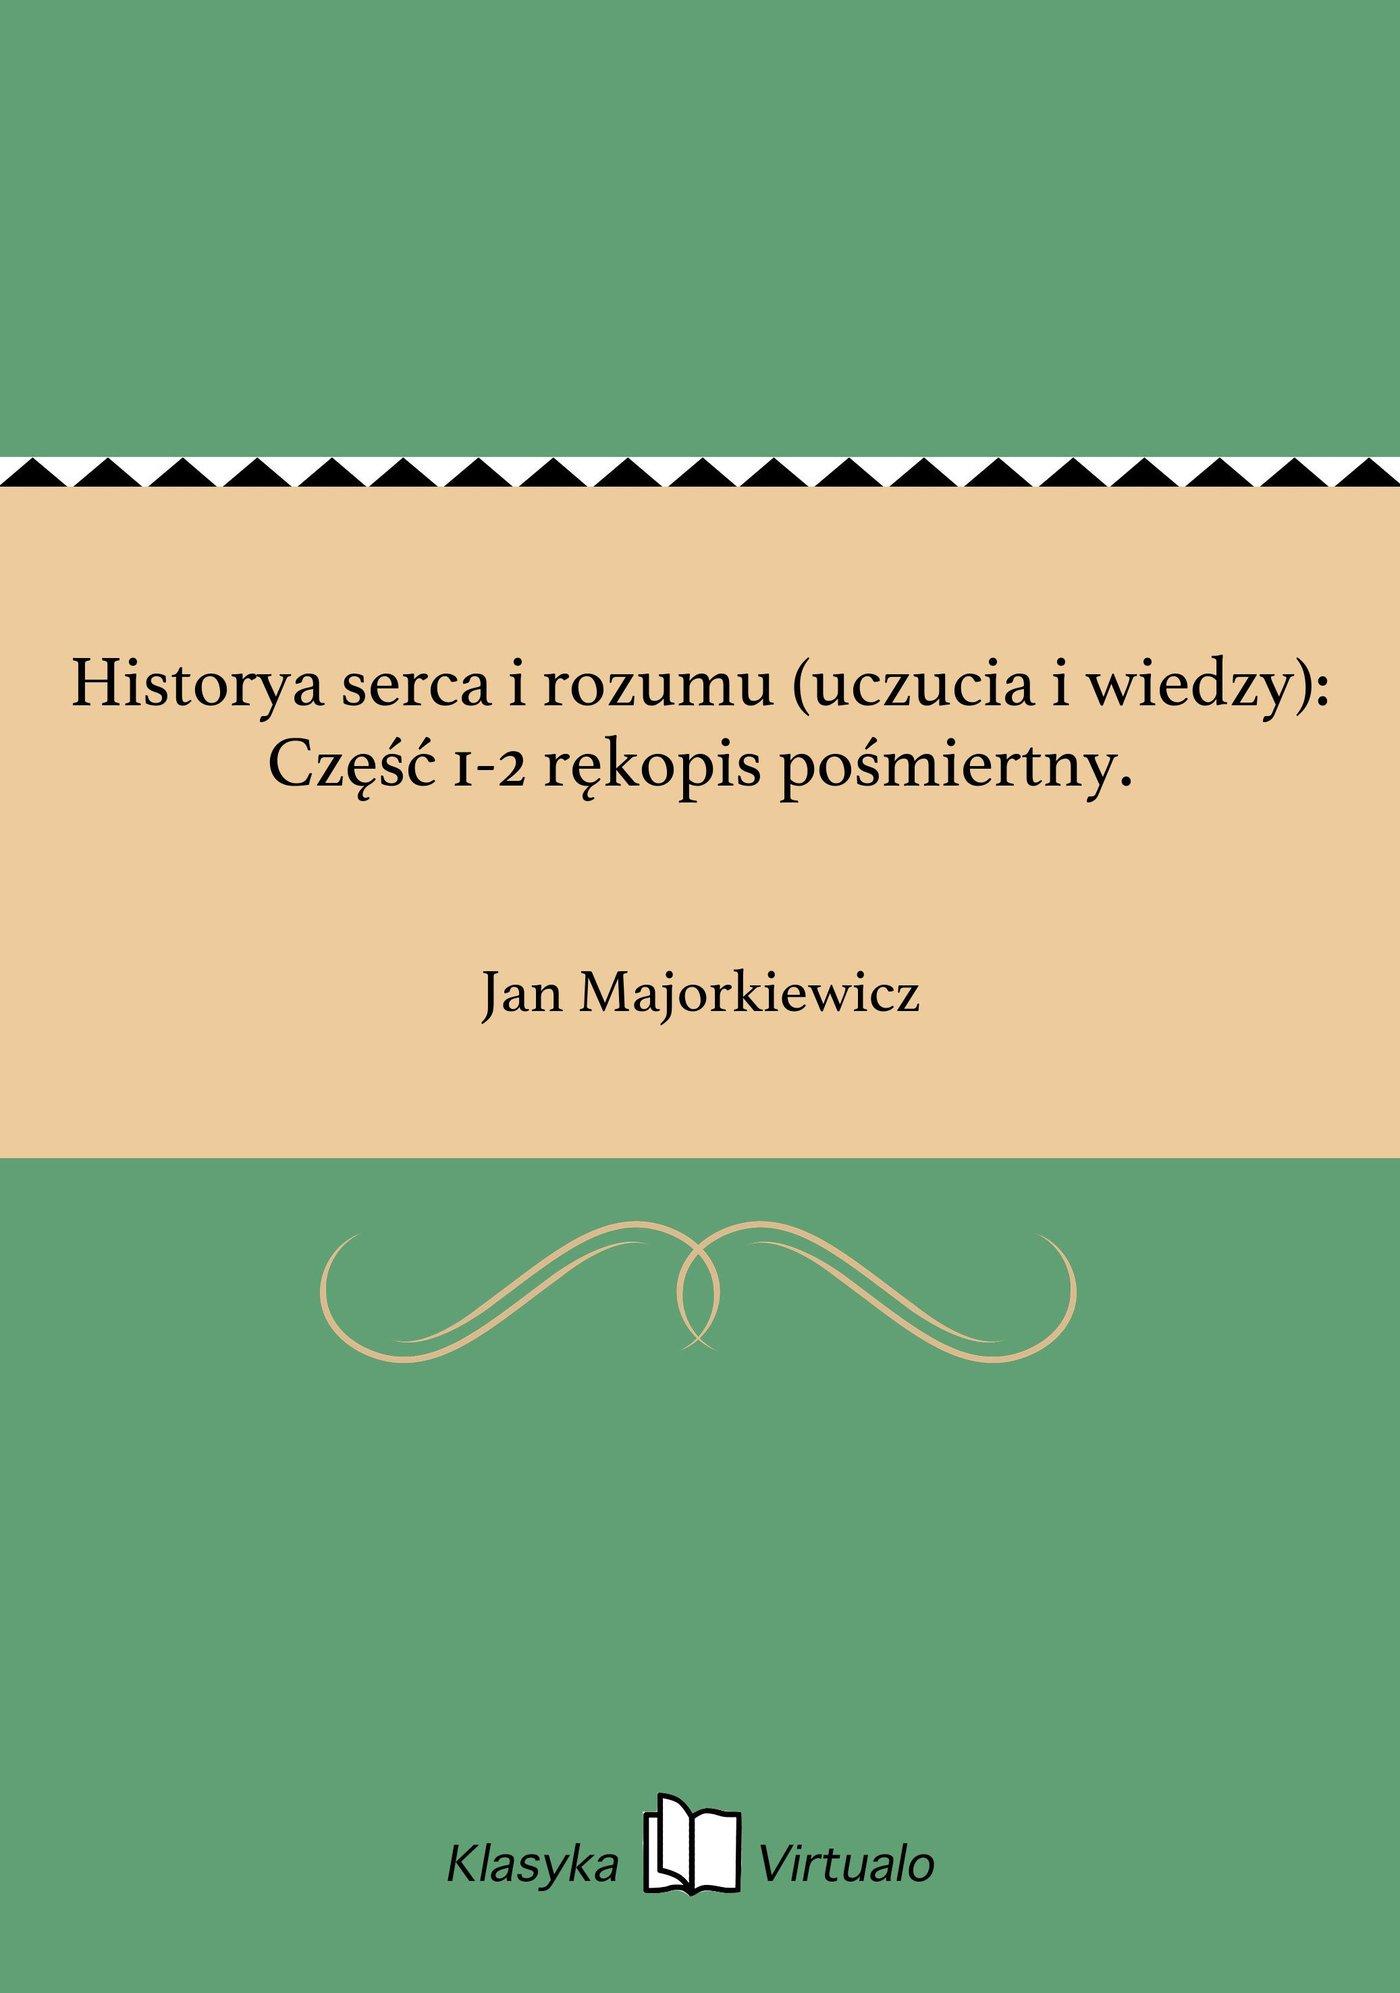 Historya serca i rozumu (uczucia i wiedzy): Część 1-2 rękopis pośmiertny. - Ebook (Książka EPUB) do pobrania w formacie EPUB